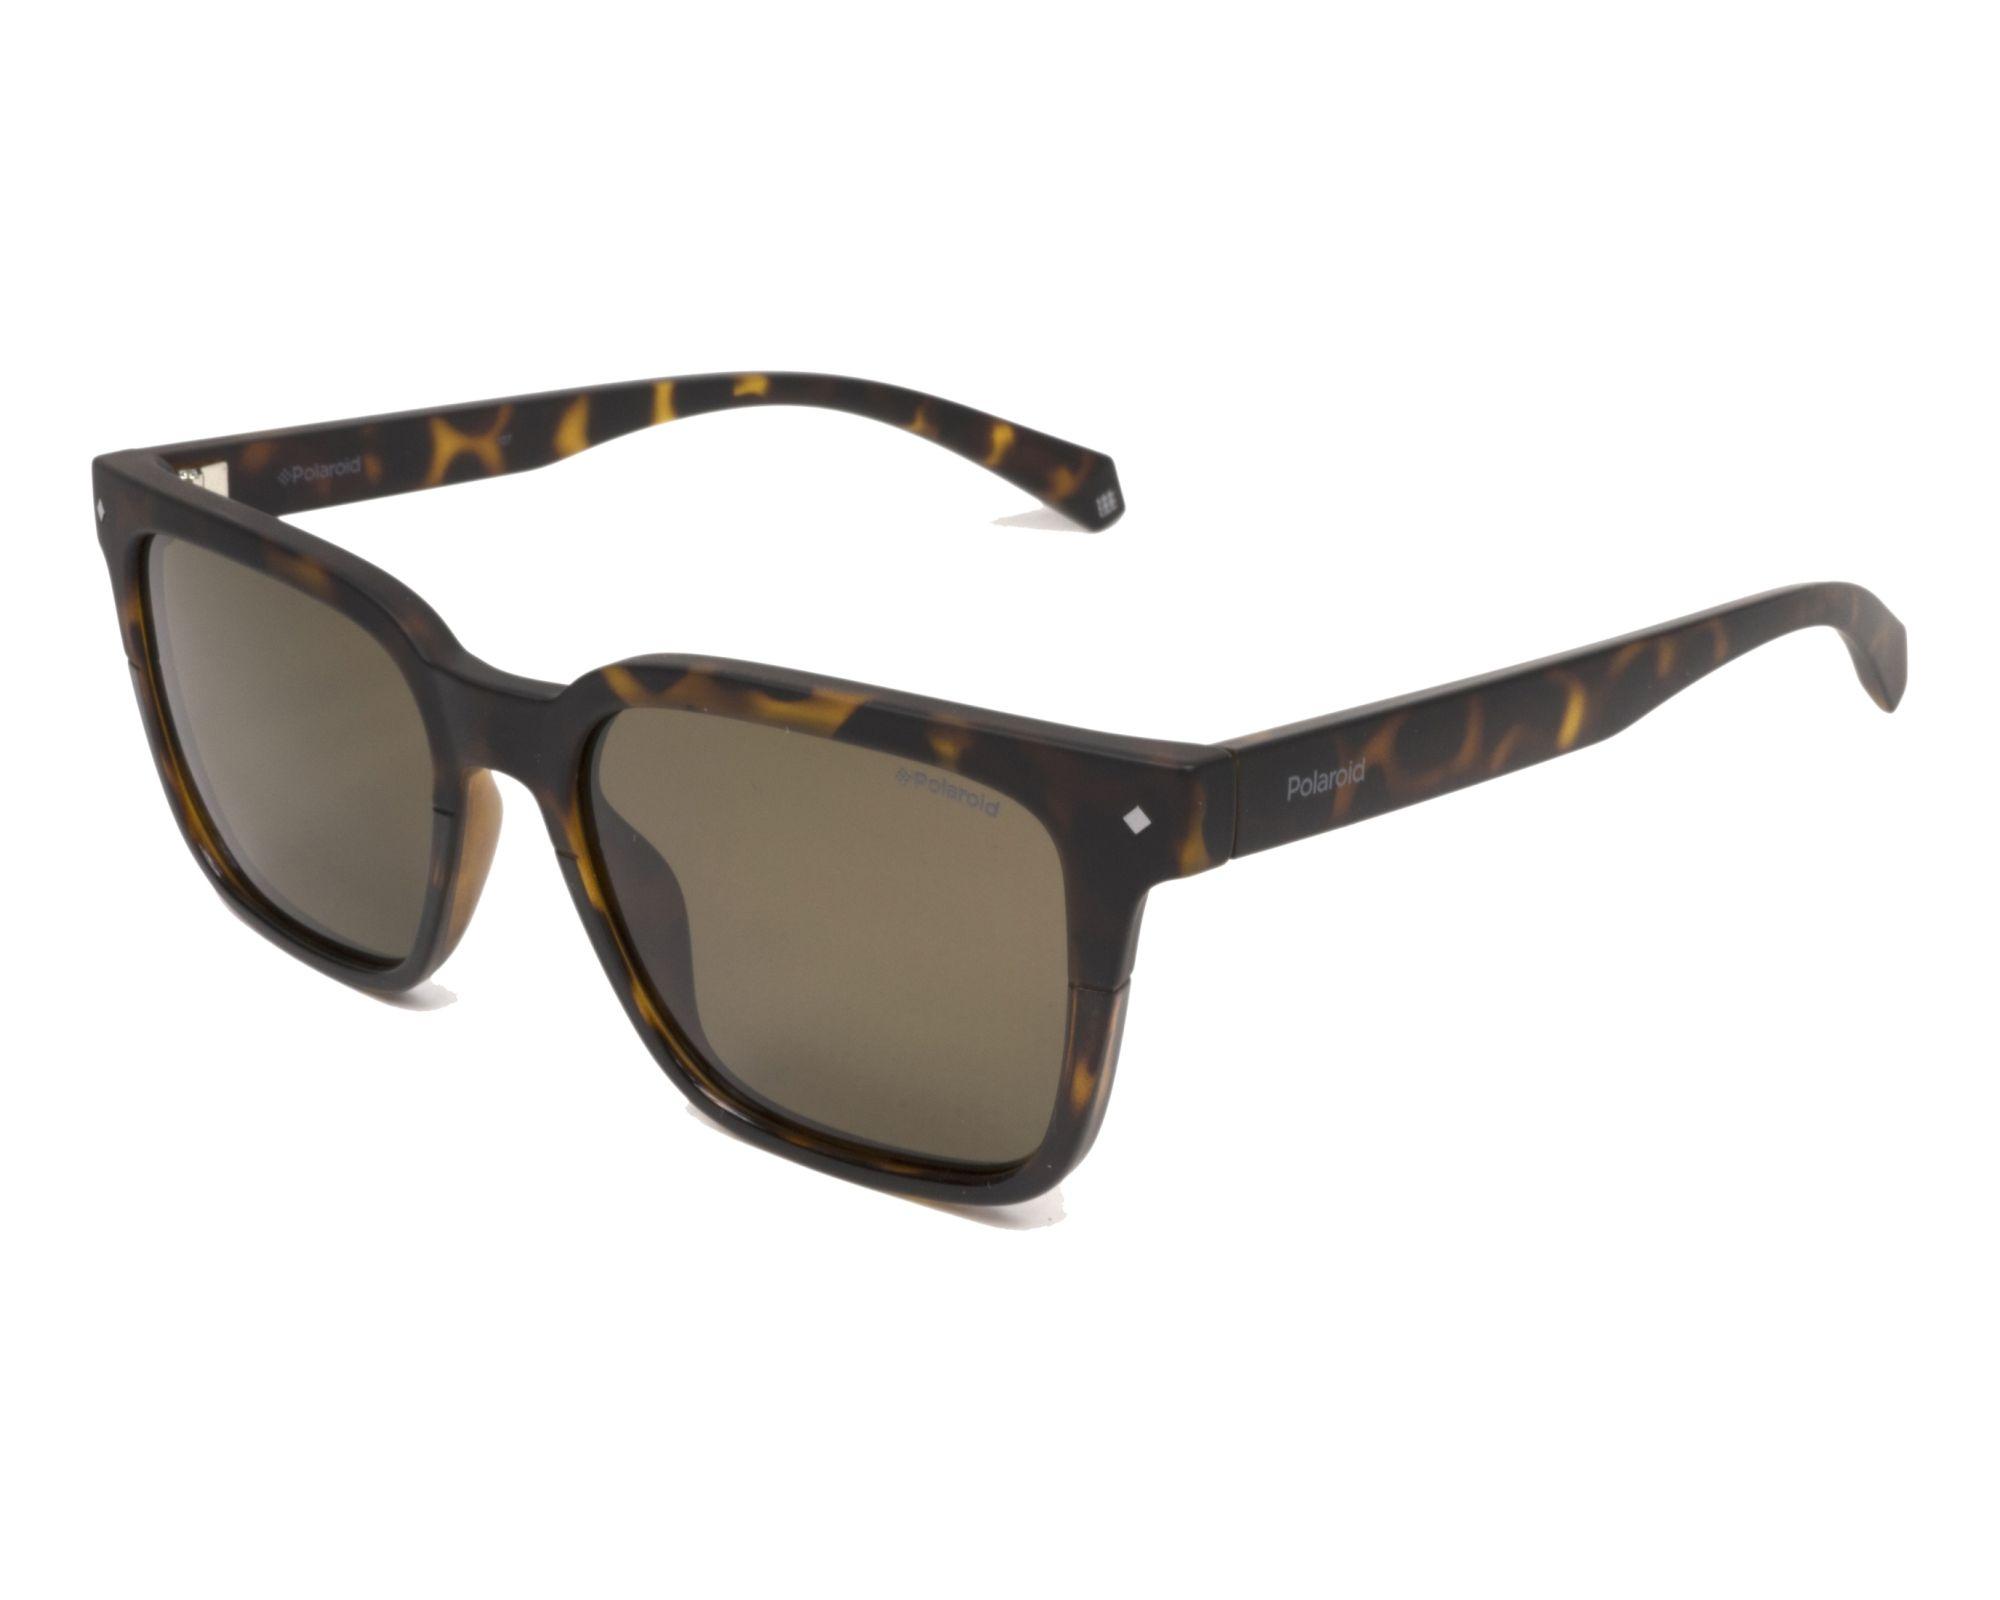 eab4d536964 Polarized. Sunglasses Polaroid PLD-6044-S 086 SP 52-17 Havana Havana profile